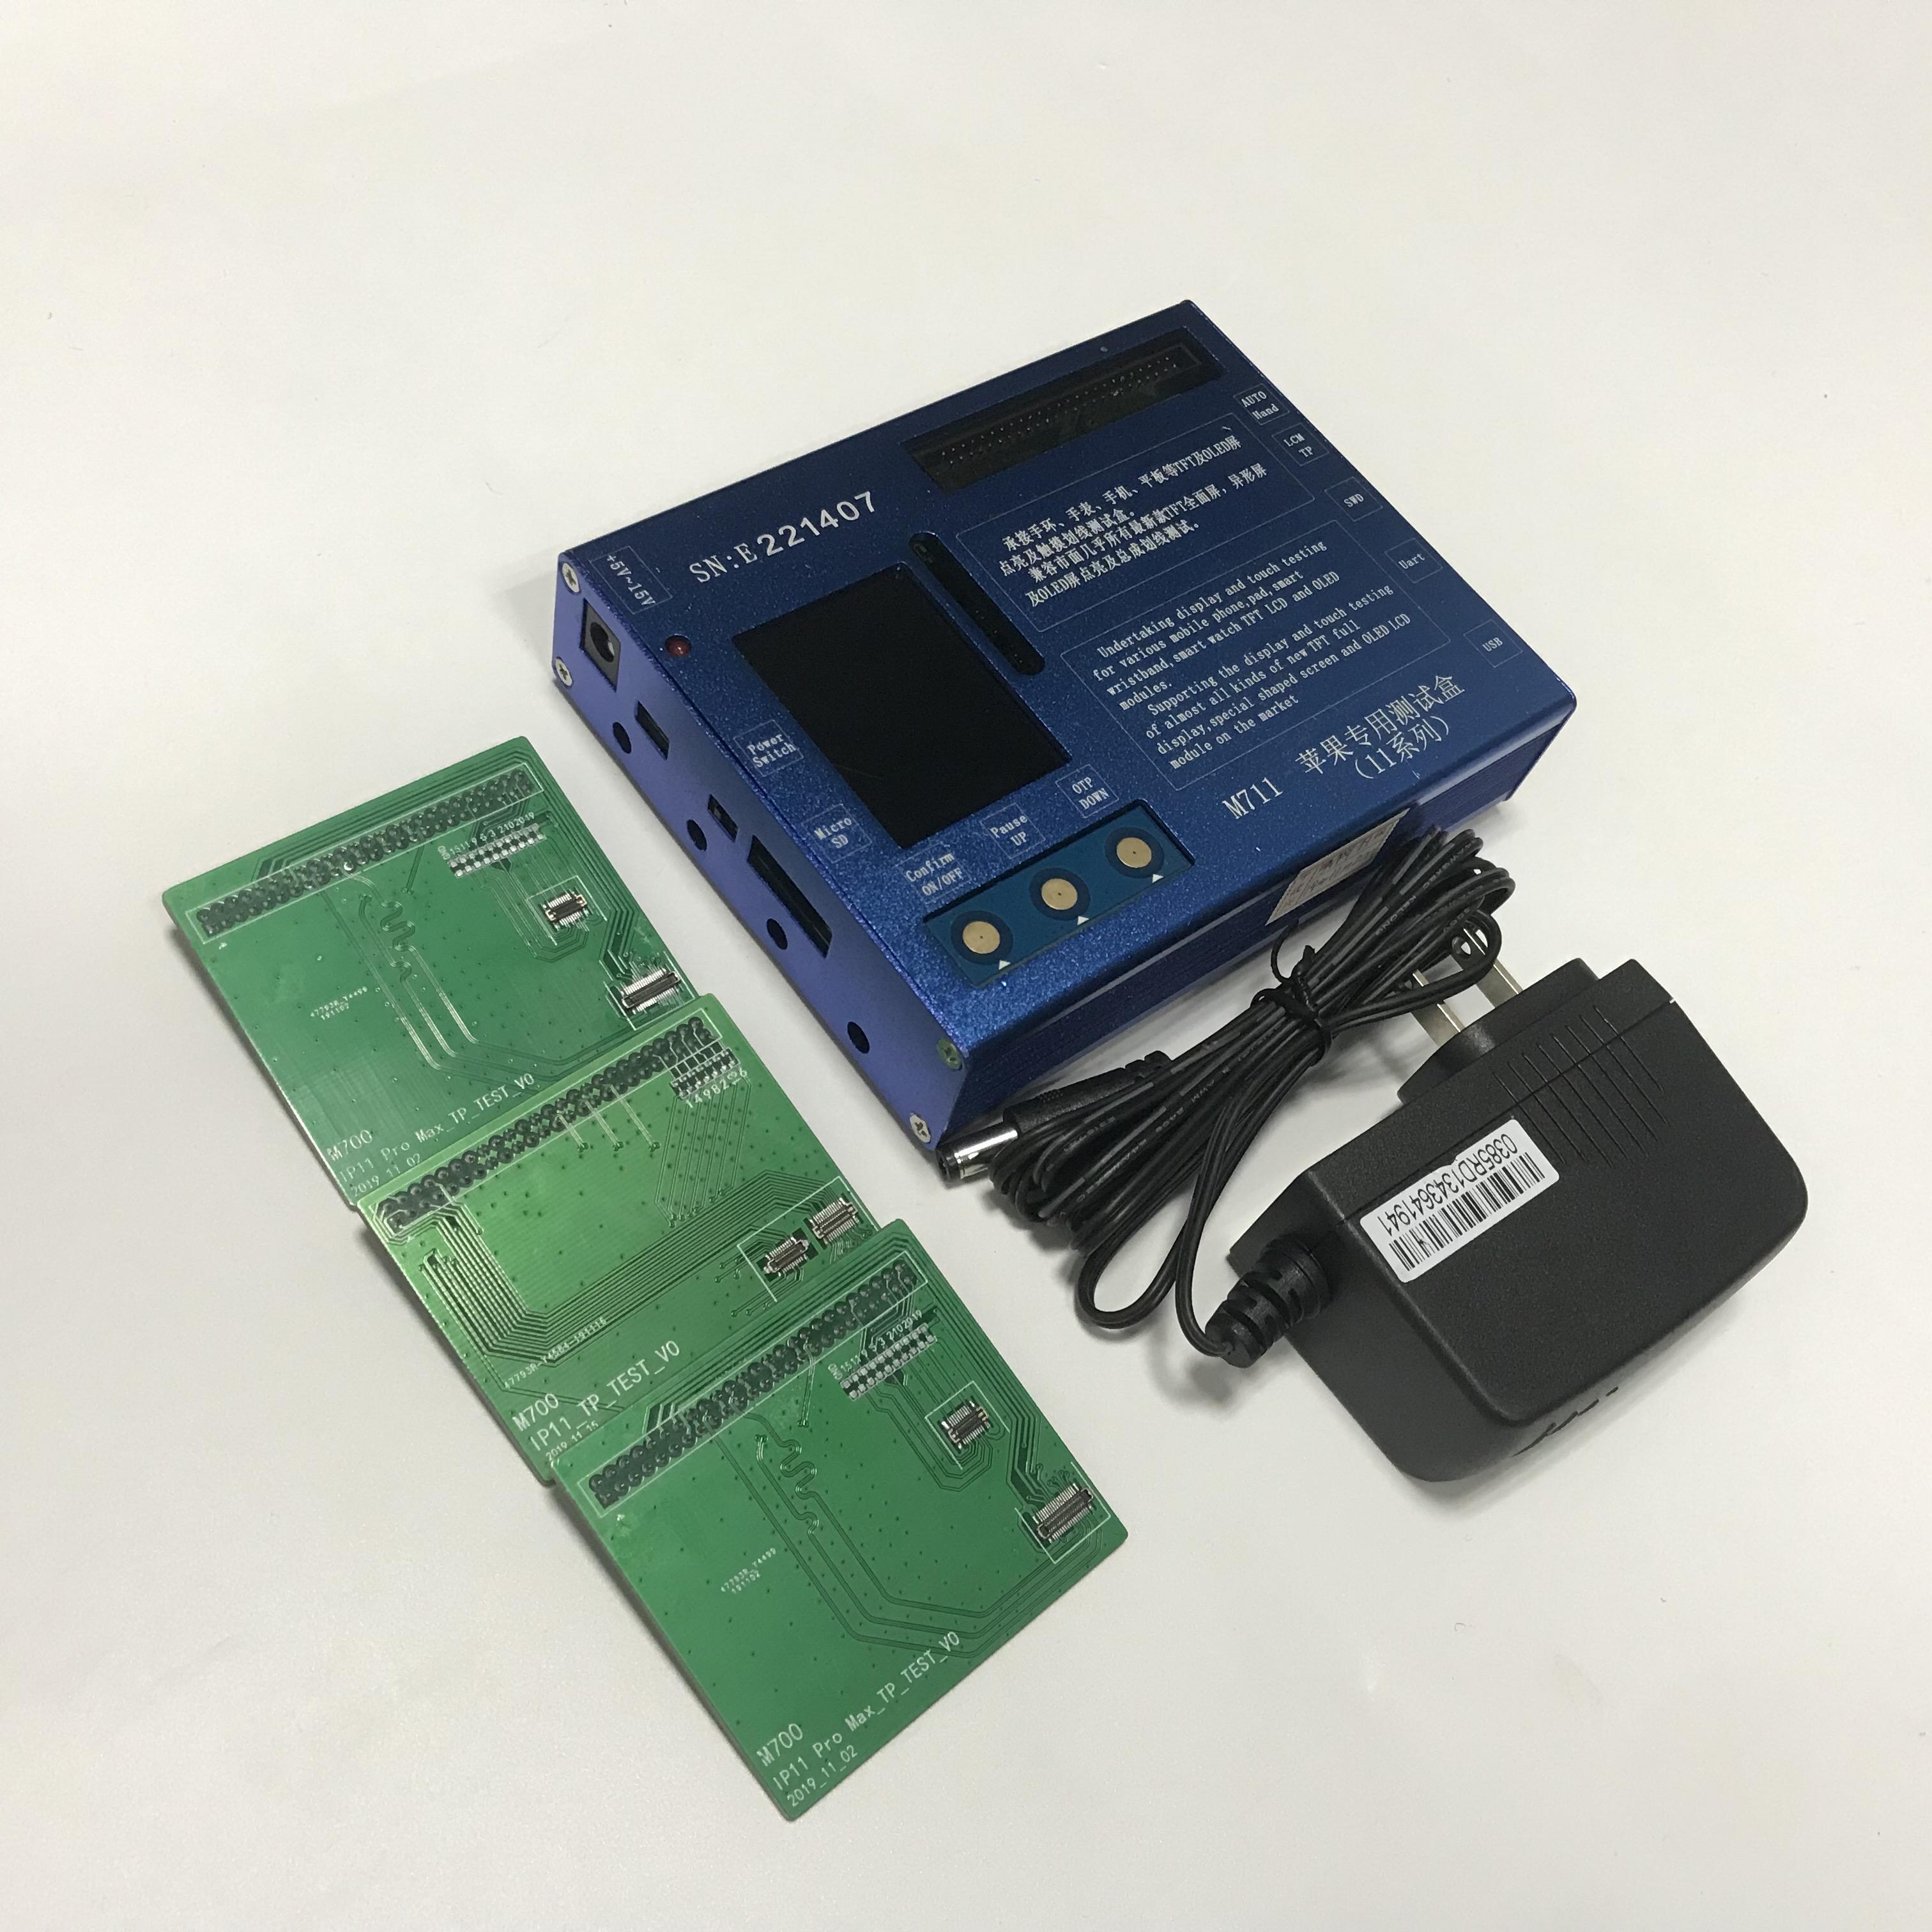 iPhone için 11/11 Pro / 11 Pro Max LCD AMOLED Ekran, Dokunmatik Ekran Digitizer 3 IN 1 LCD Tester Test Çerçeve Kutu Makinesi Tamir Araçları